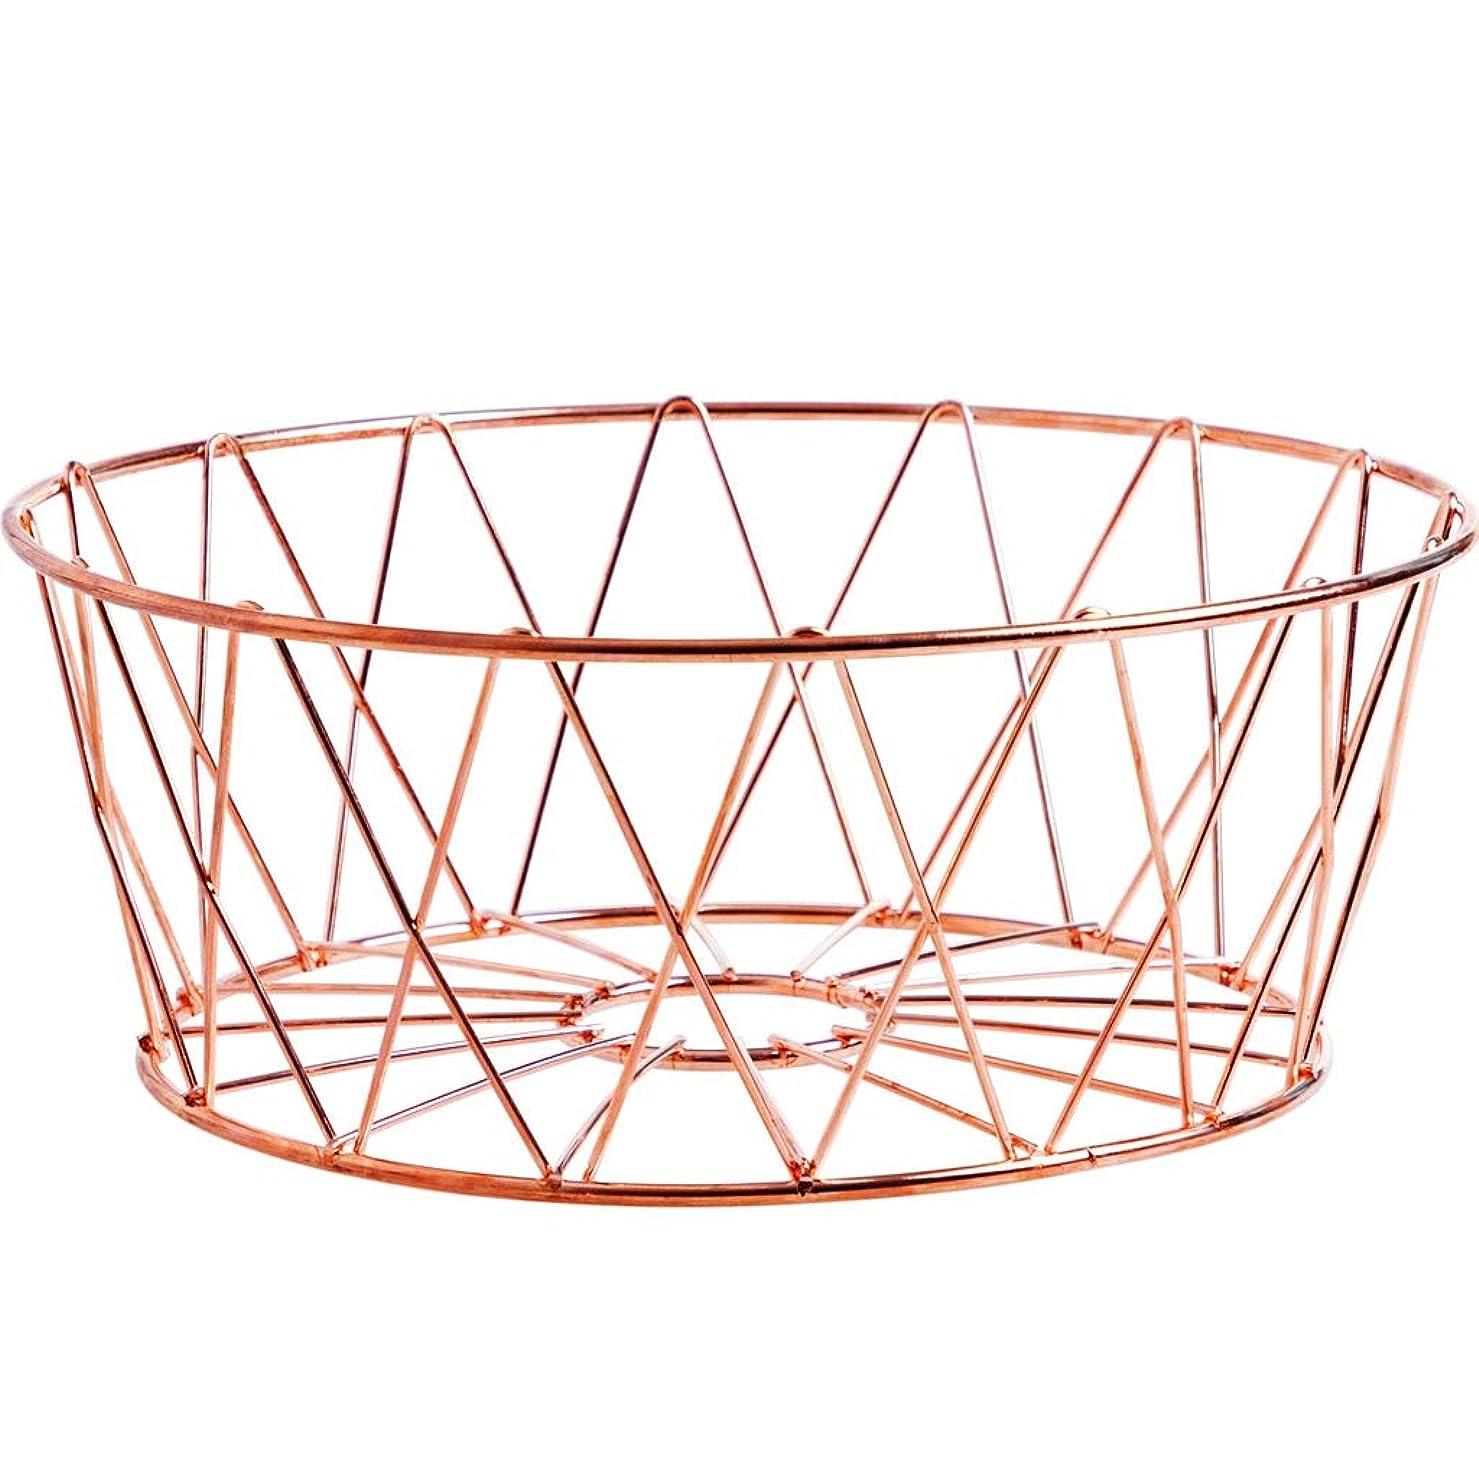 報復するユーモラス乳白フルーツバスケットクリエイティブリビングルームホームフルーツプレート、ローズゴールド QYSZYG